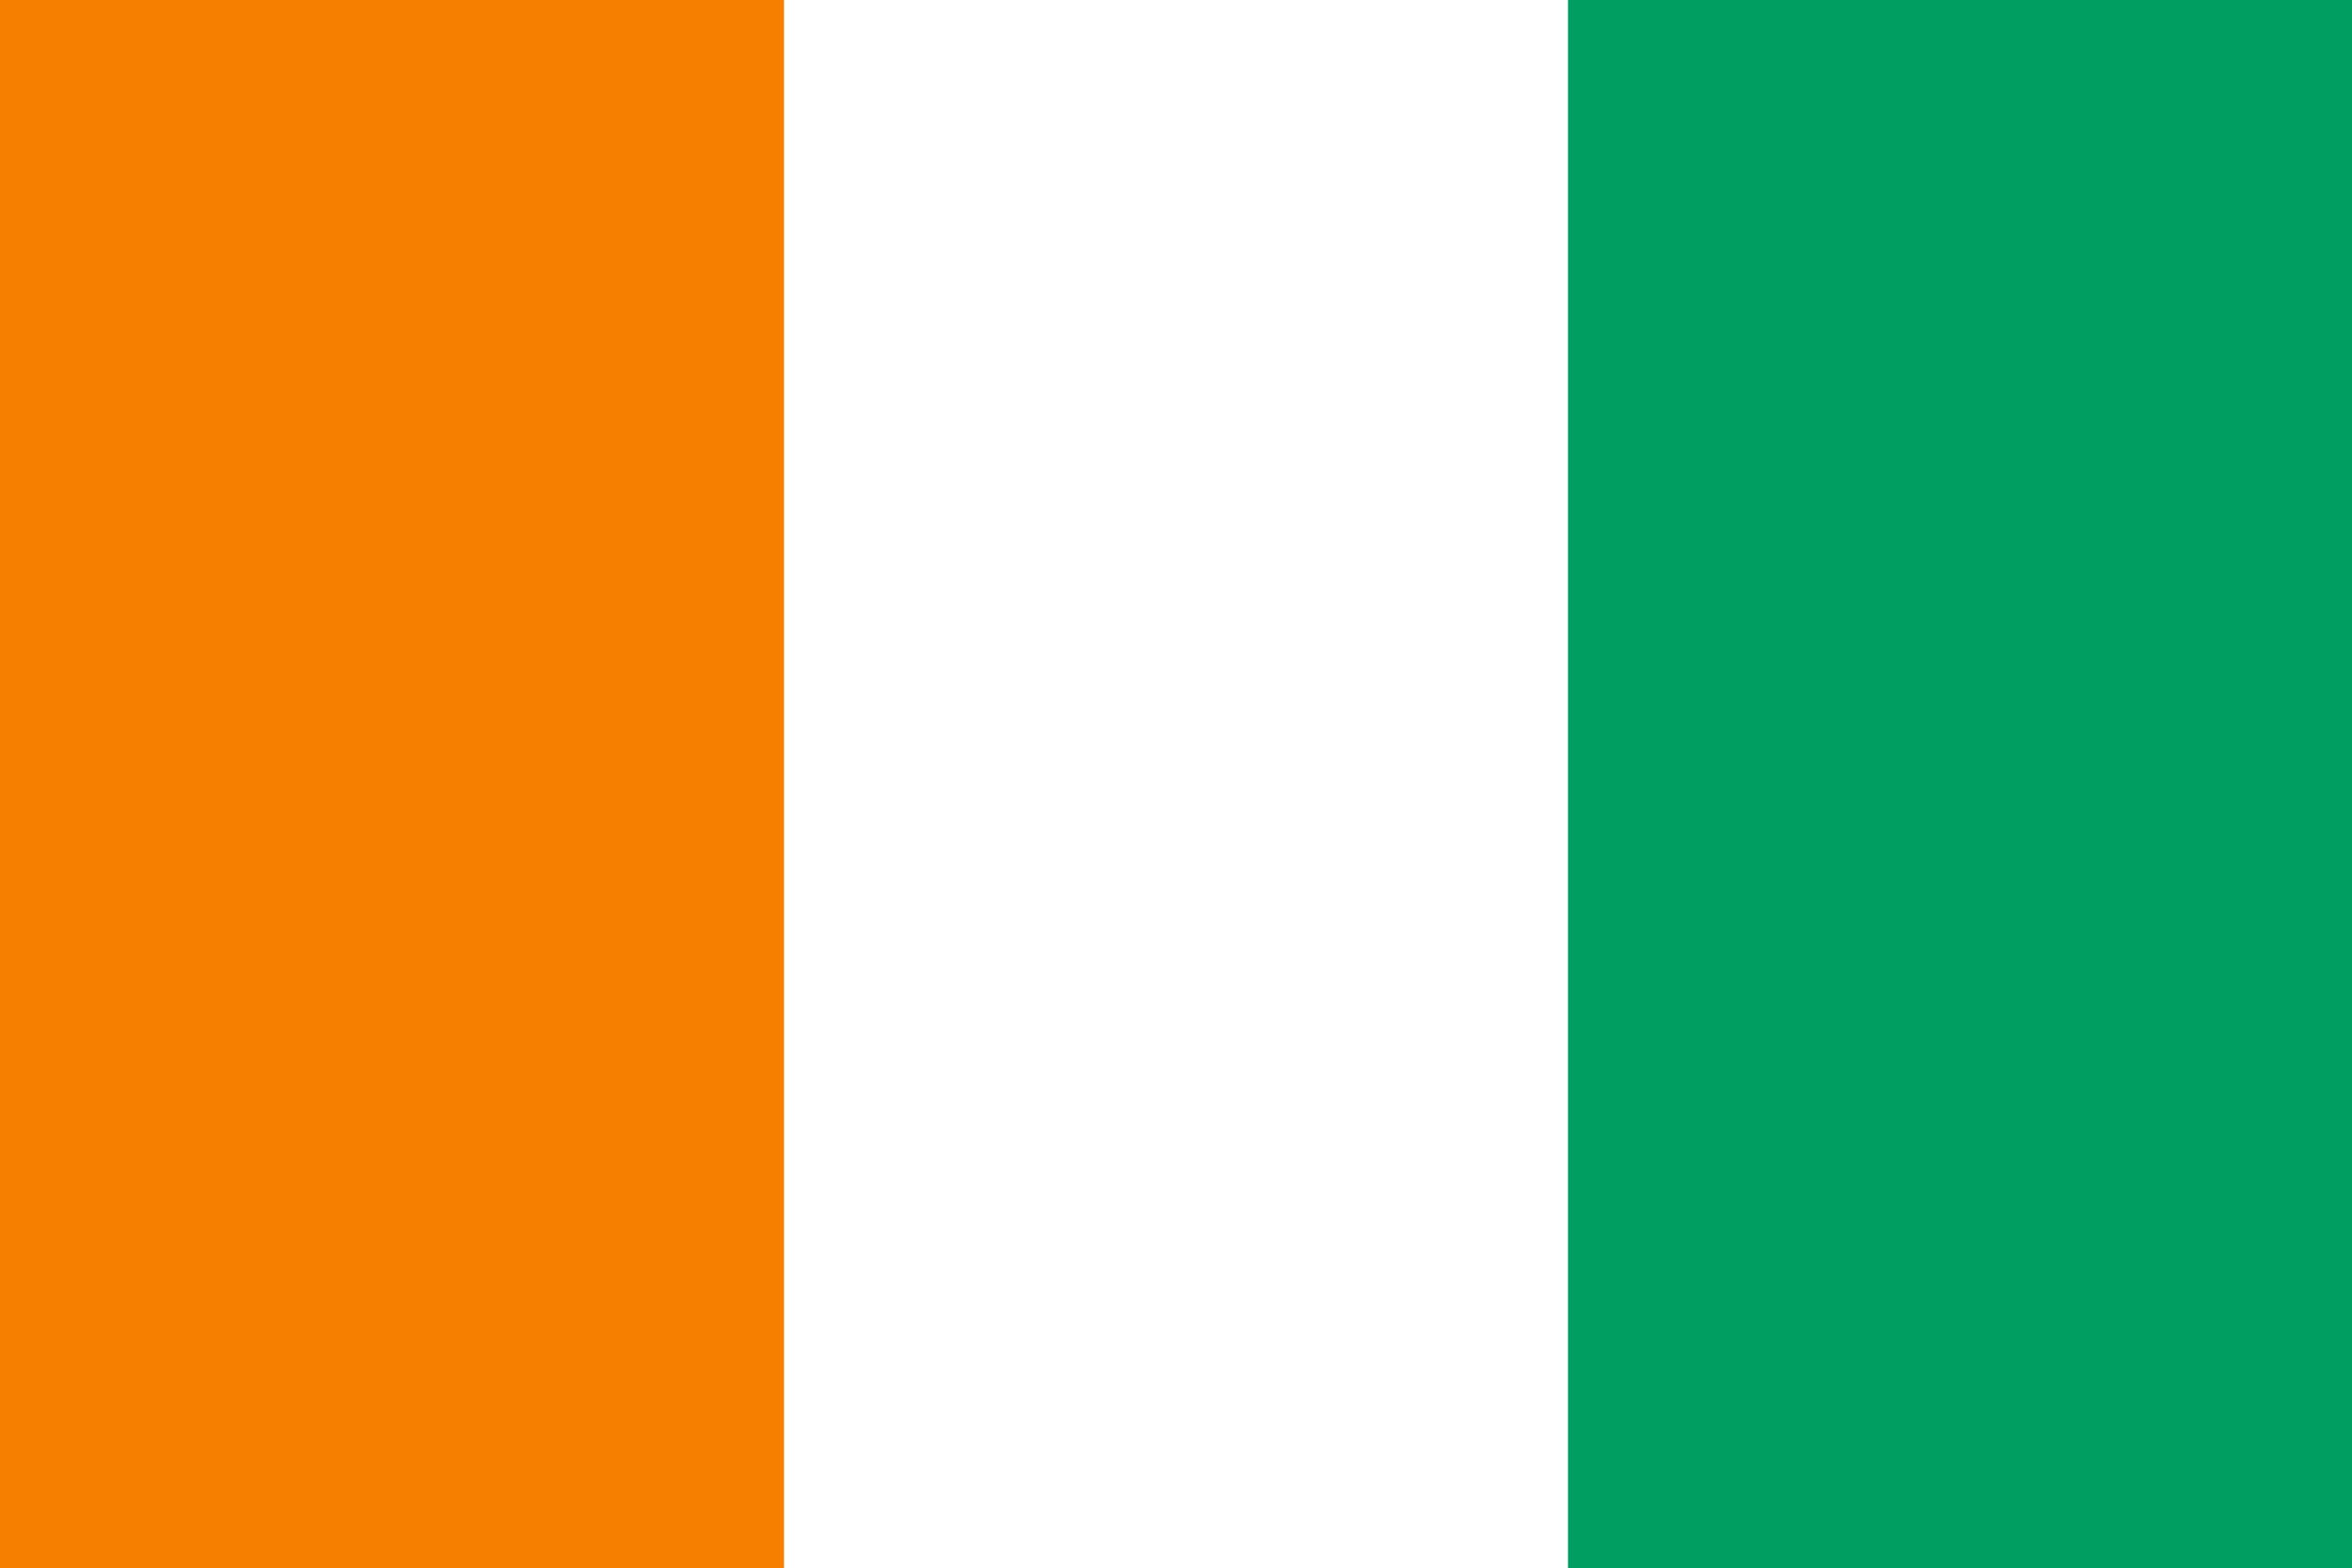 Costa de marfil, Land, Emblem, Logo, Symbol - Wallpaper HD - Prof.-falken.com